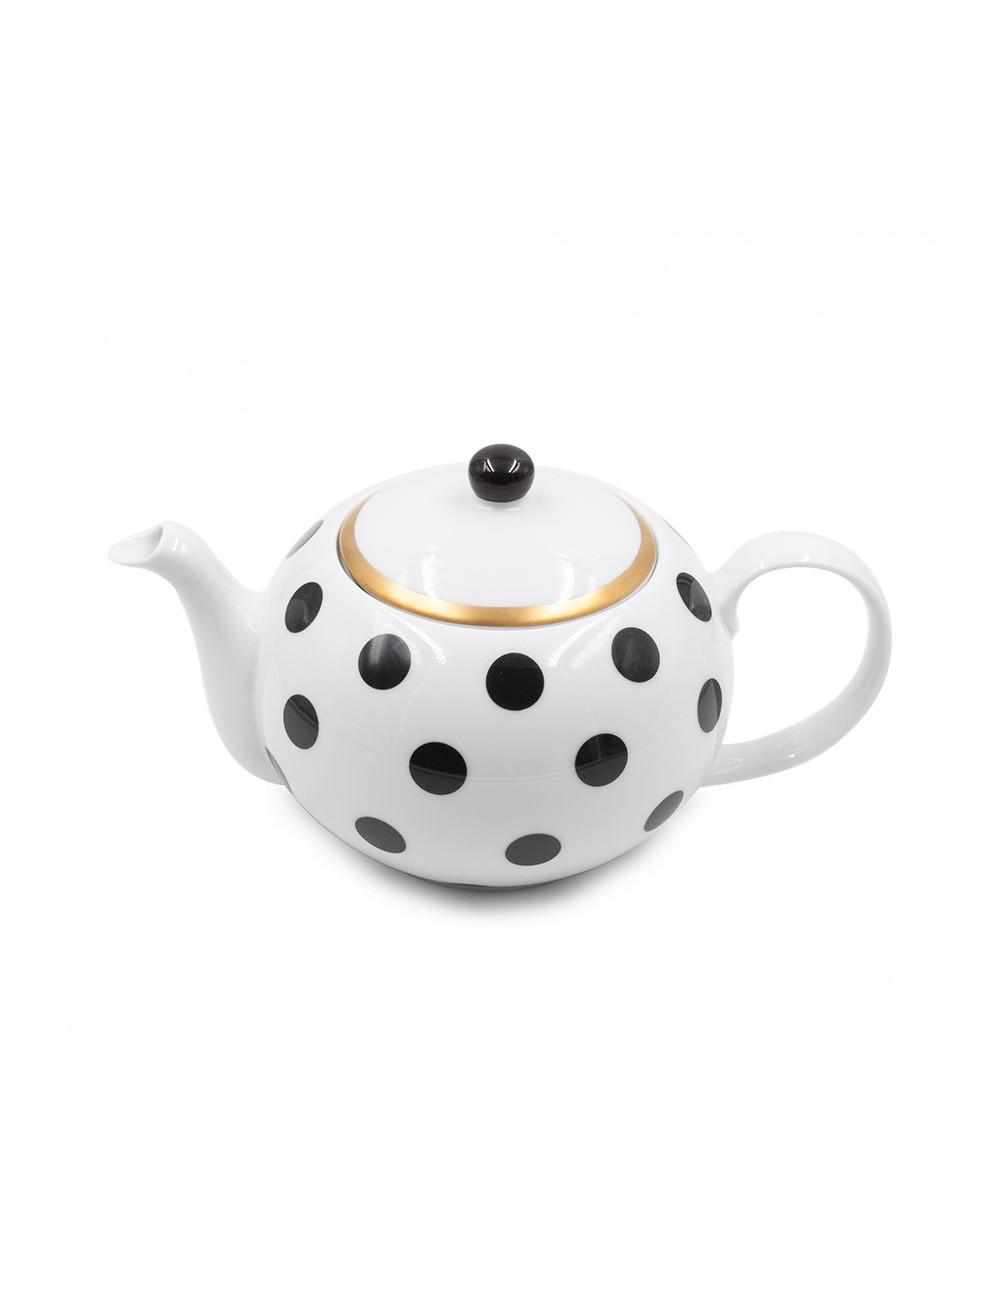 Teiera in porcellana bianca con pois neri in fine bone china - La Pianta del Tè shop online